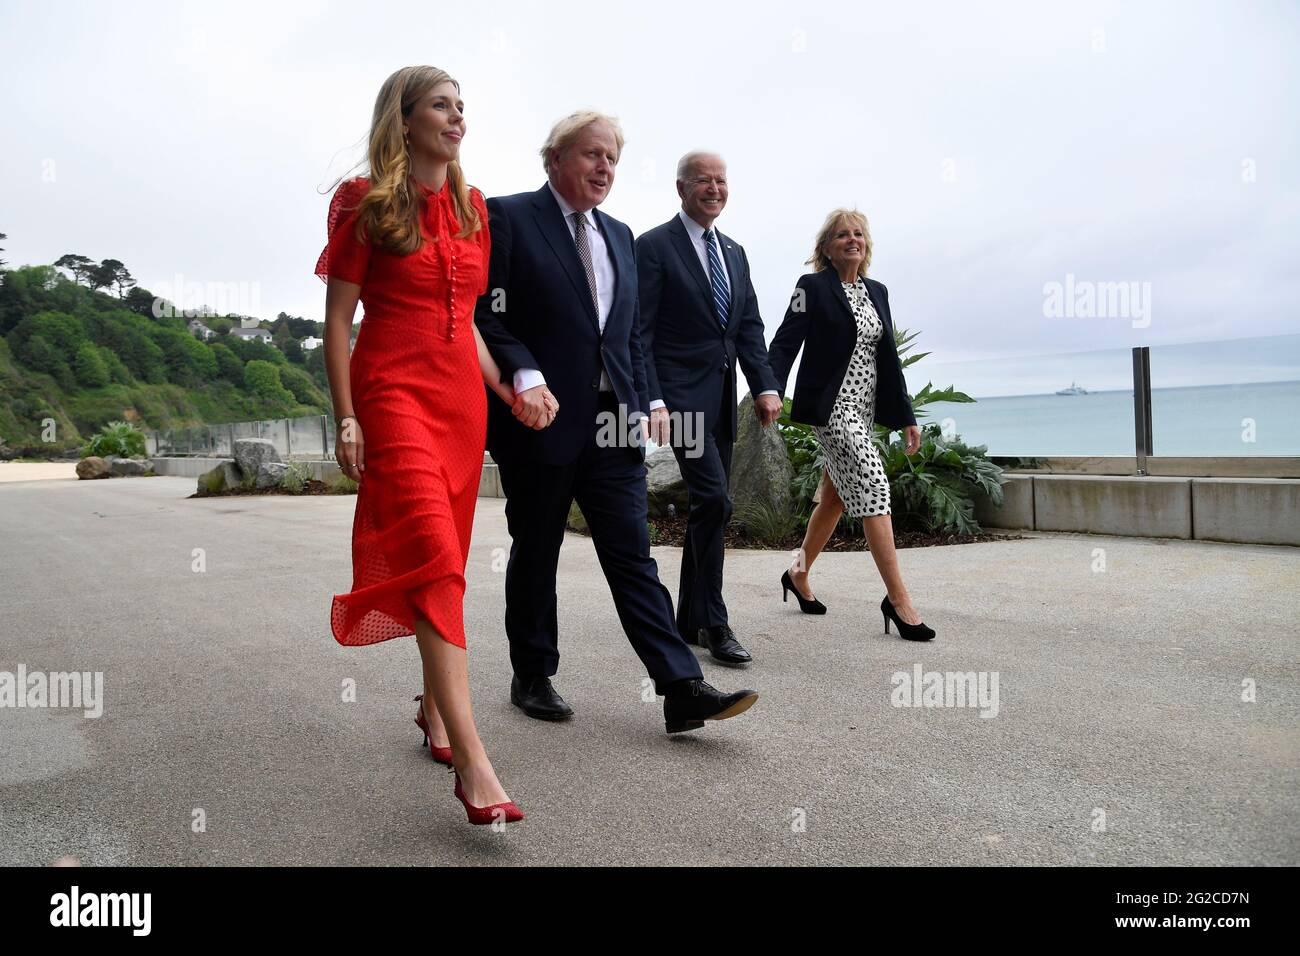 (Von links nach rechts) Carrie Johnson, Premierminister Boris Johnson, US-Präsident Joe Biden und First Lady Jill Biden gehen vor dem G7-Gipfel in Cornwall vor dem Carbis Bay Hotel, Carbis Bay, Cornwall. Bilddatum: Donnerstag, 10. Juni 2021. Stockfoto